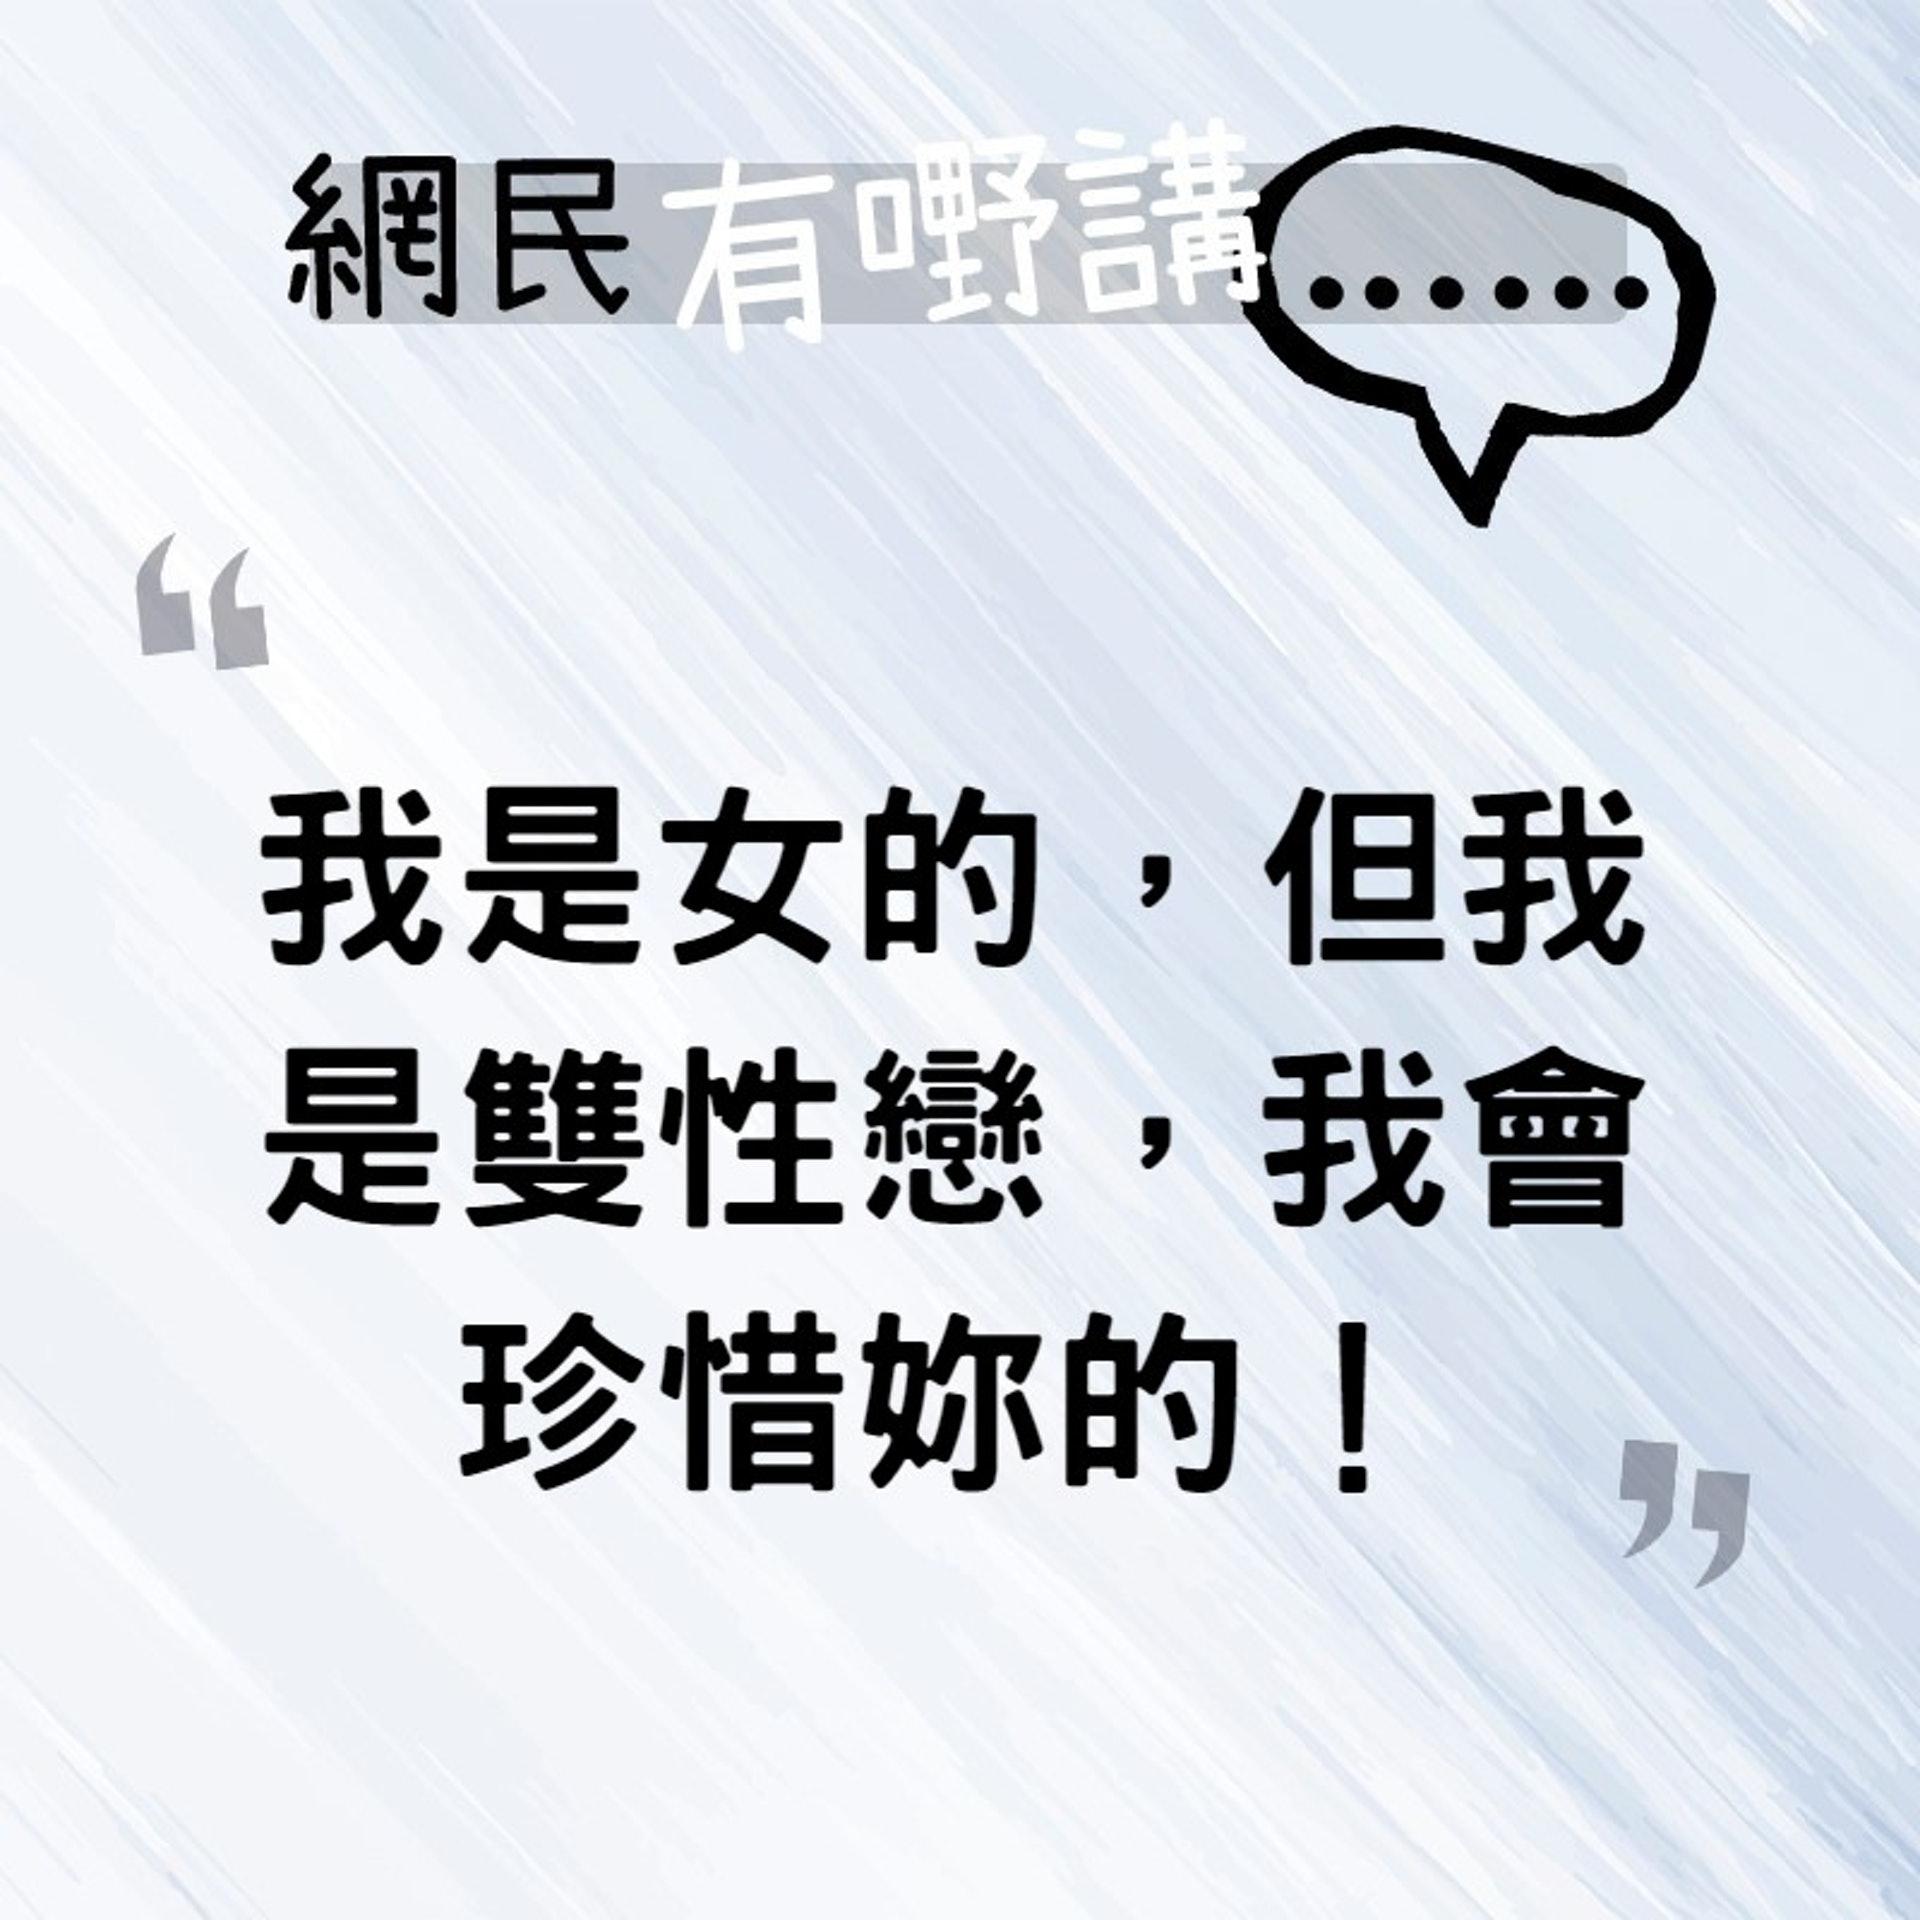 「我是女的,但我是雙性戀,我會珍惜妳的!」(香港01製圖)